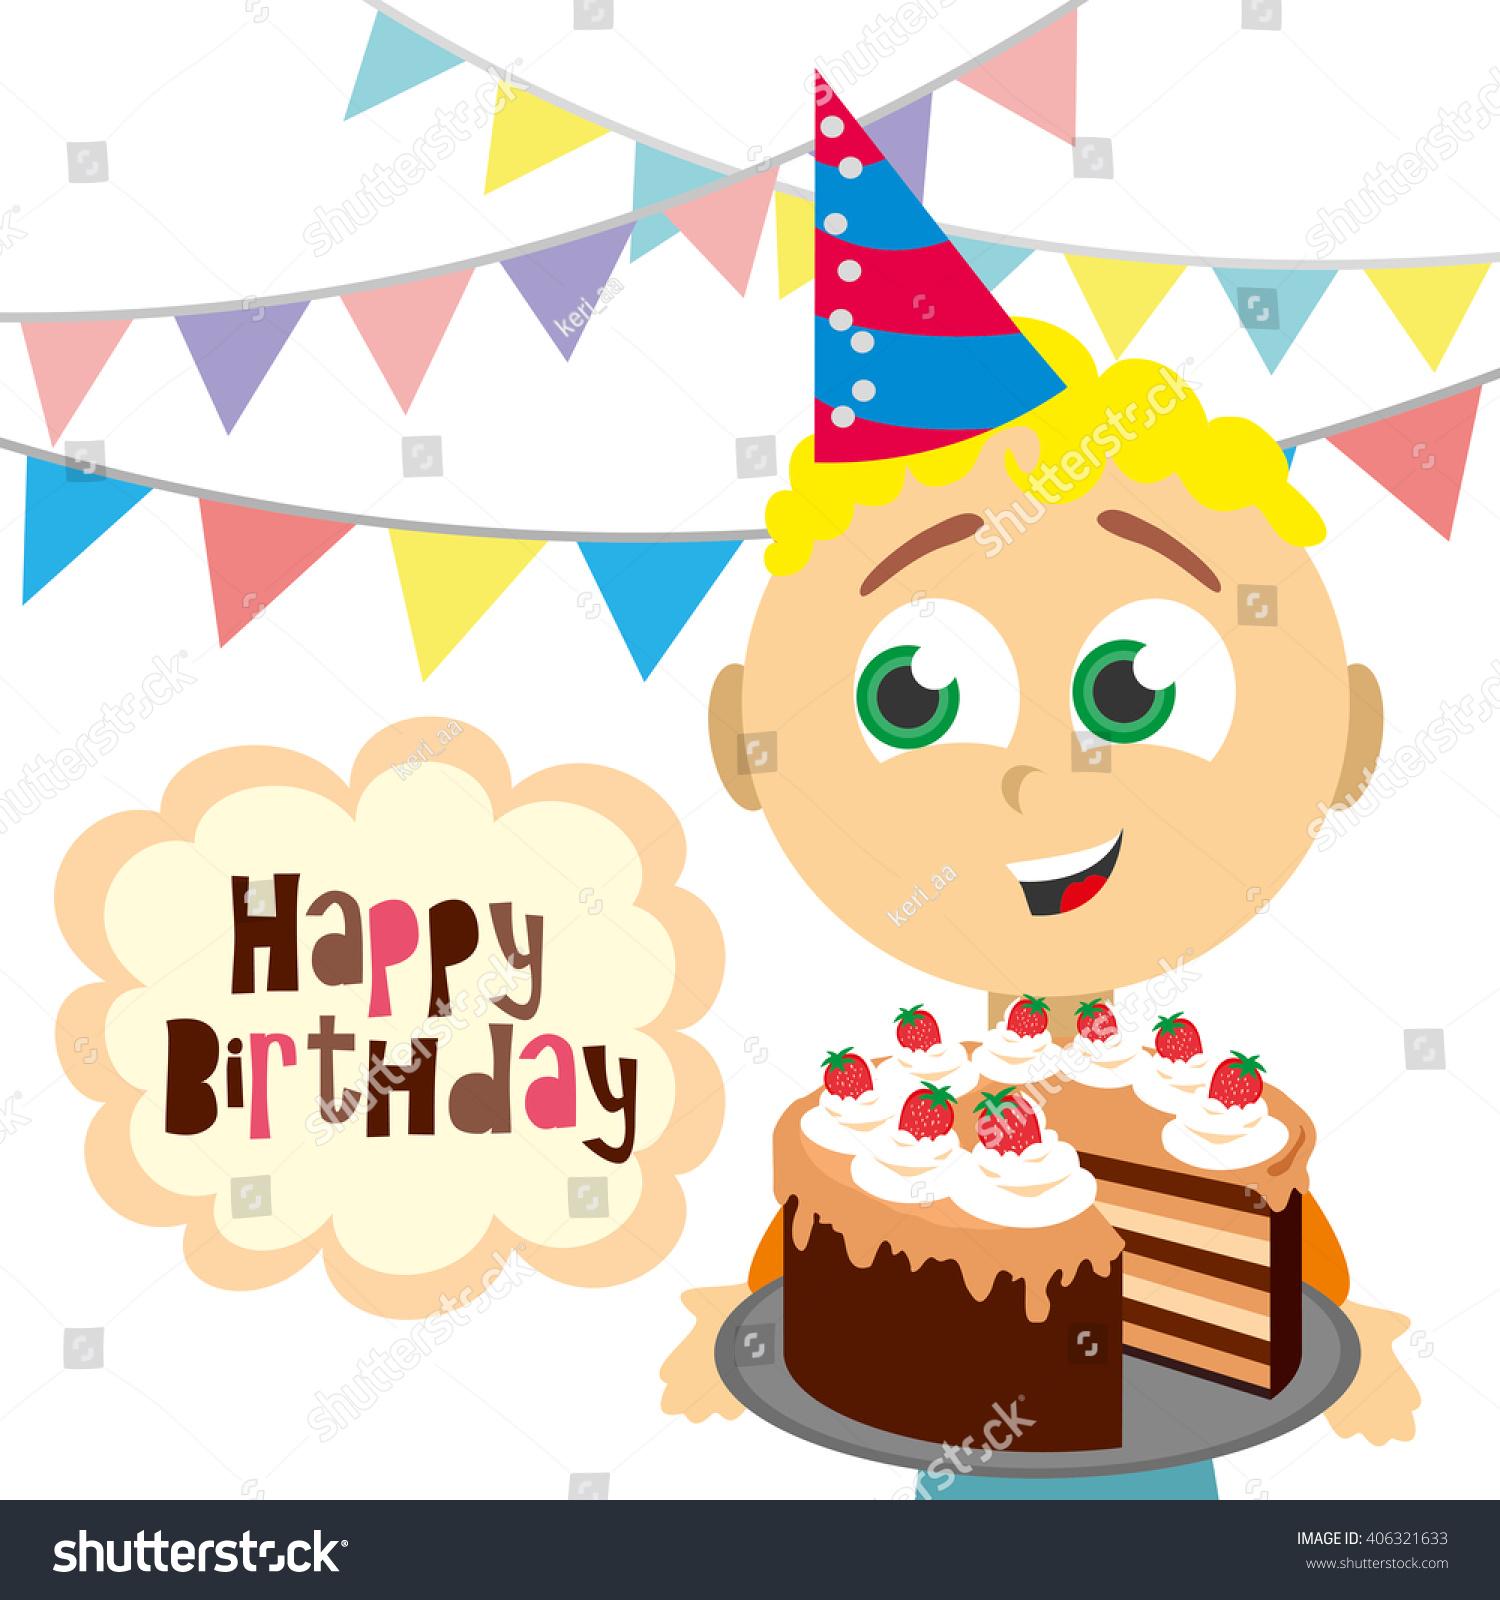 Happy Birthday Happy Birthday Card Birthday Stock Vector